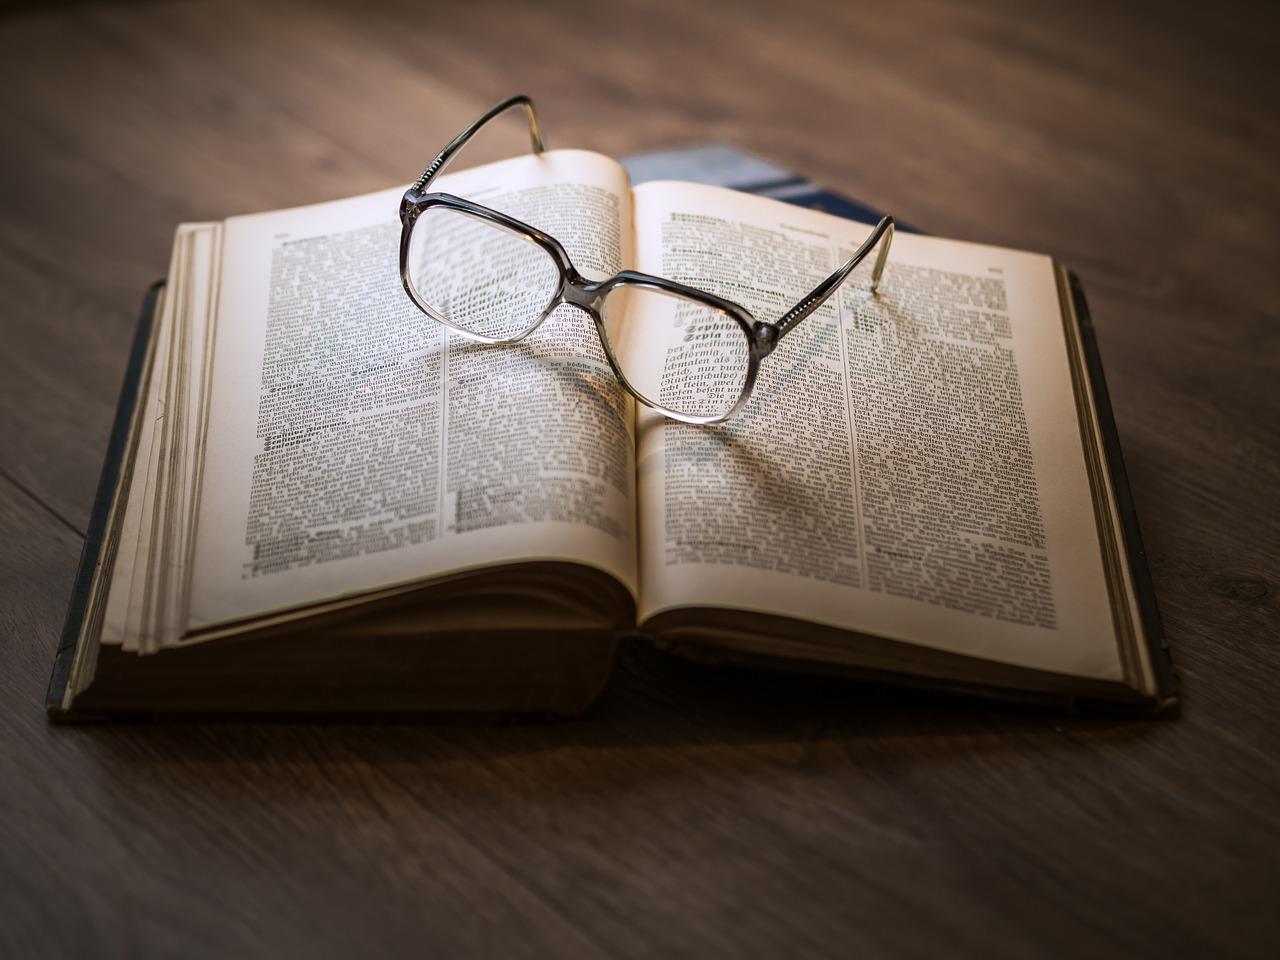 今年読んだおすすめのビジネス書10冊(2014年版)